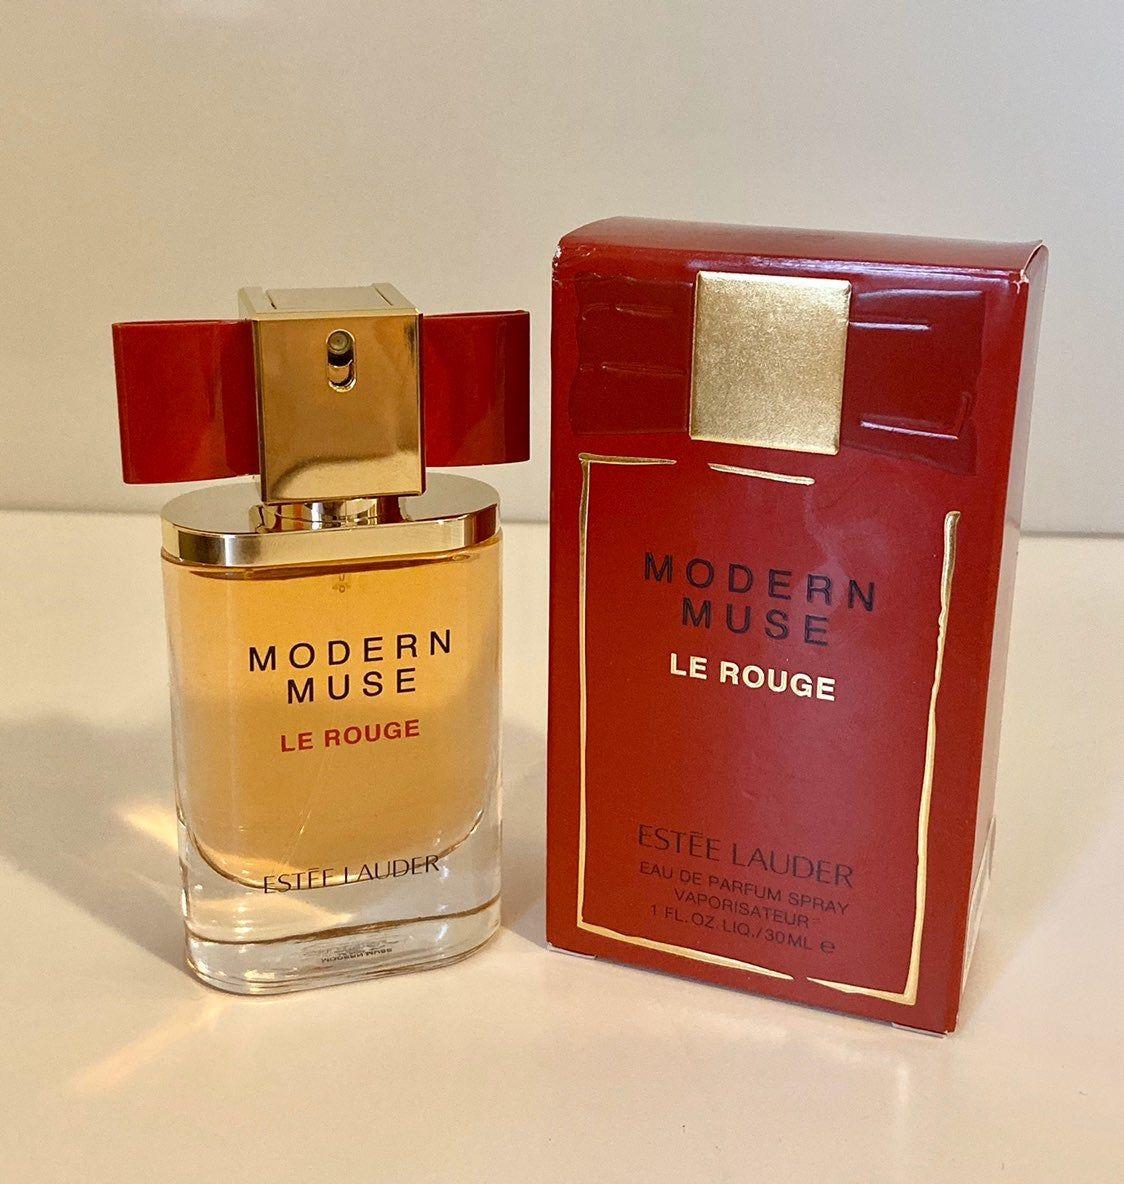 New In Box 100 Authentic Estee Lauder Modern Muse Le Rouge Eau De Parfum Spray Size 1 Oz Estee Lauder Modern Muse Perfume Estee